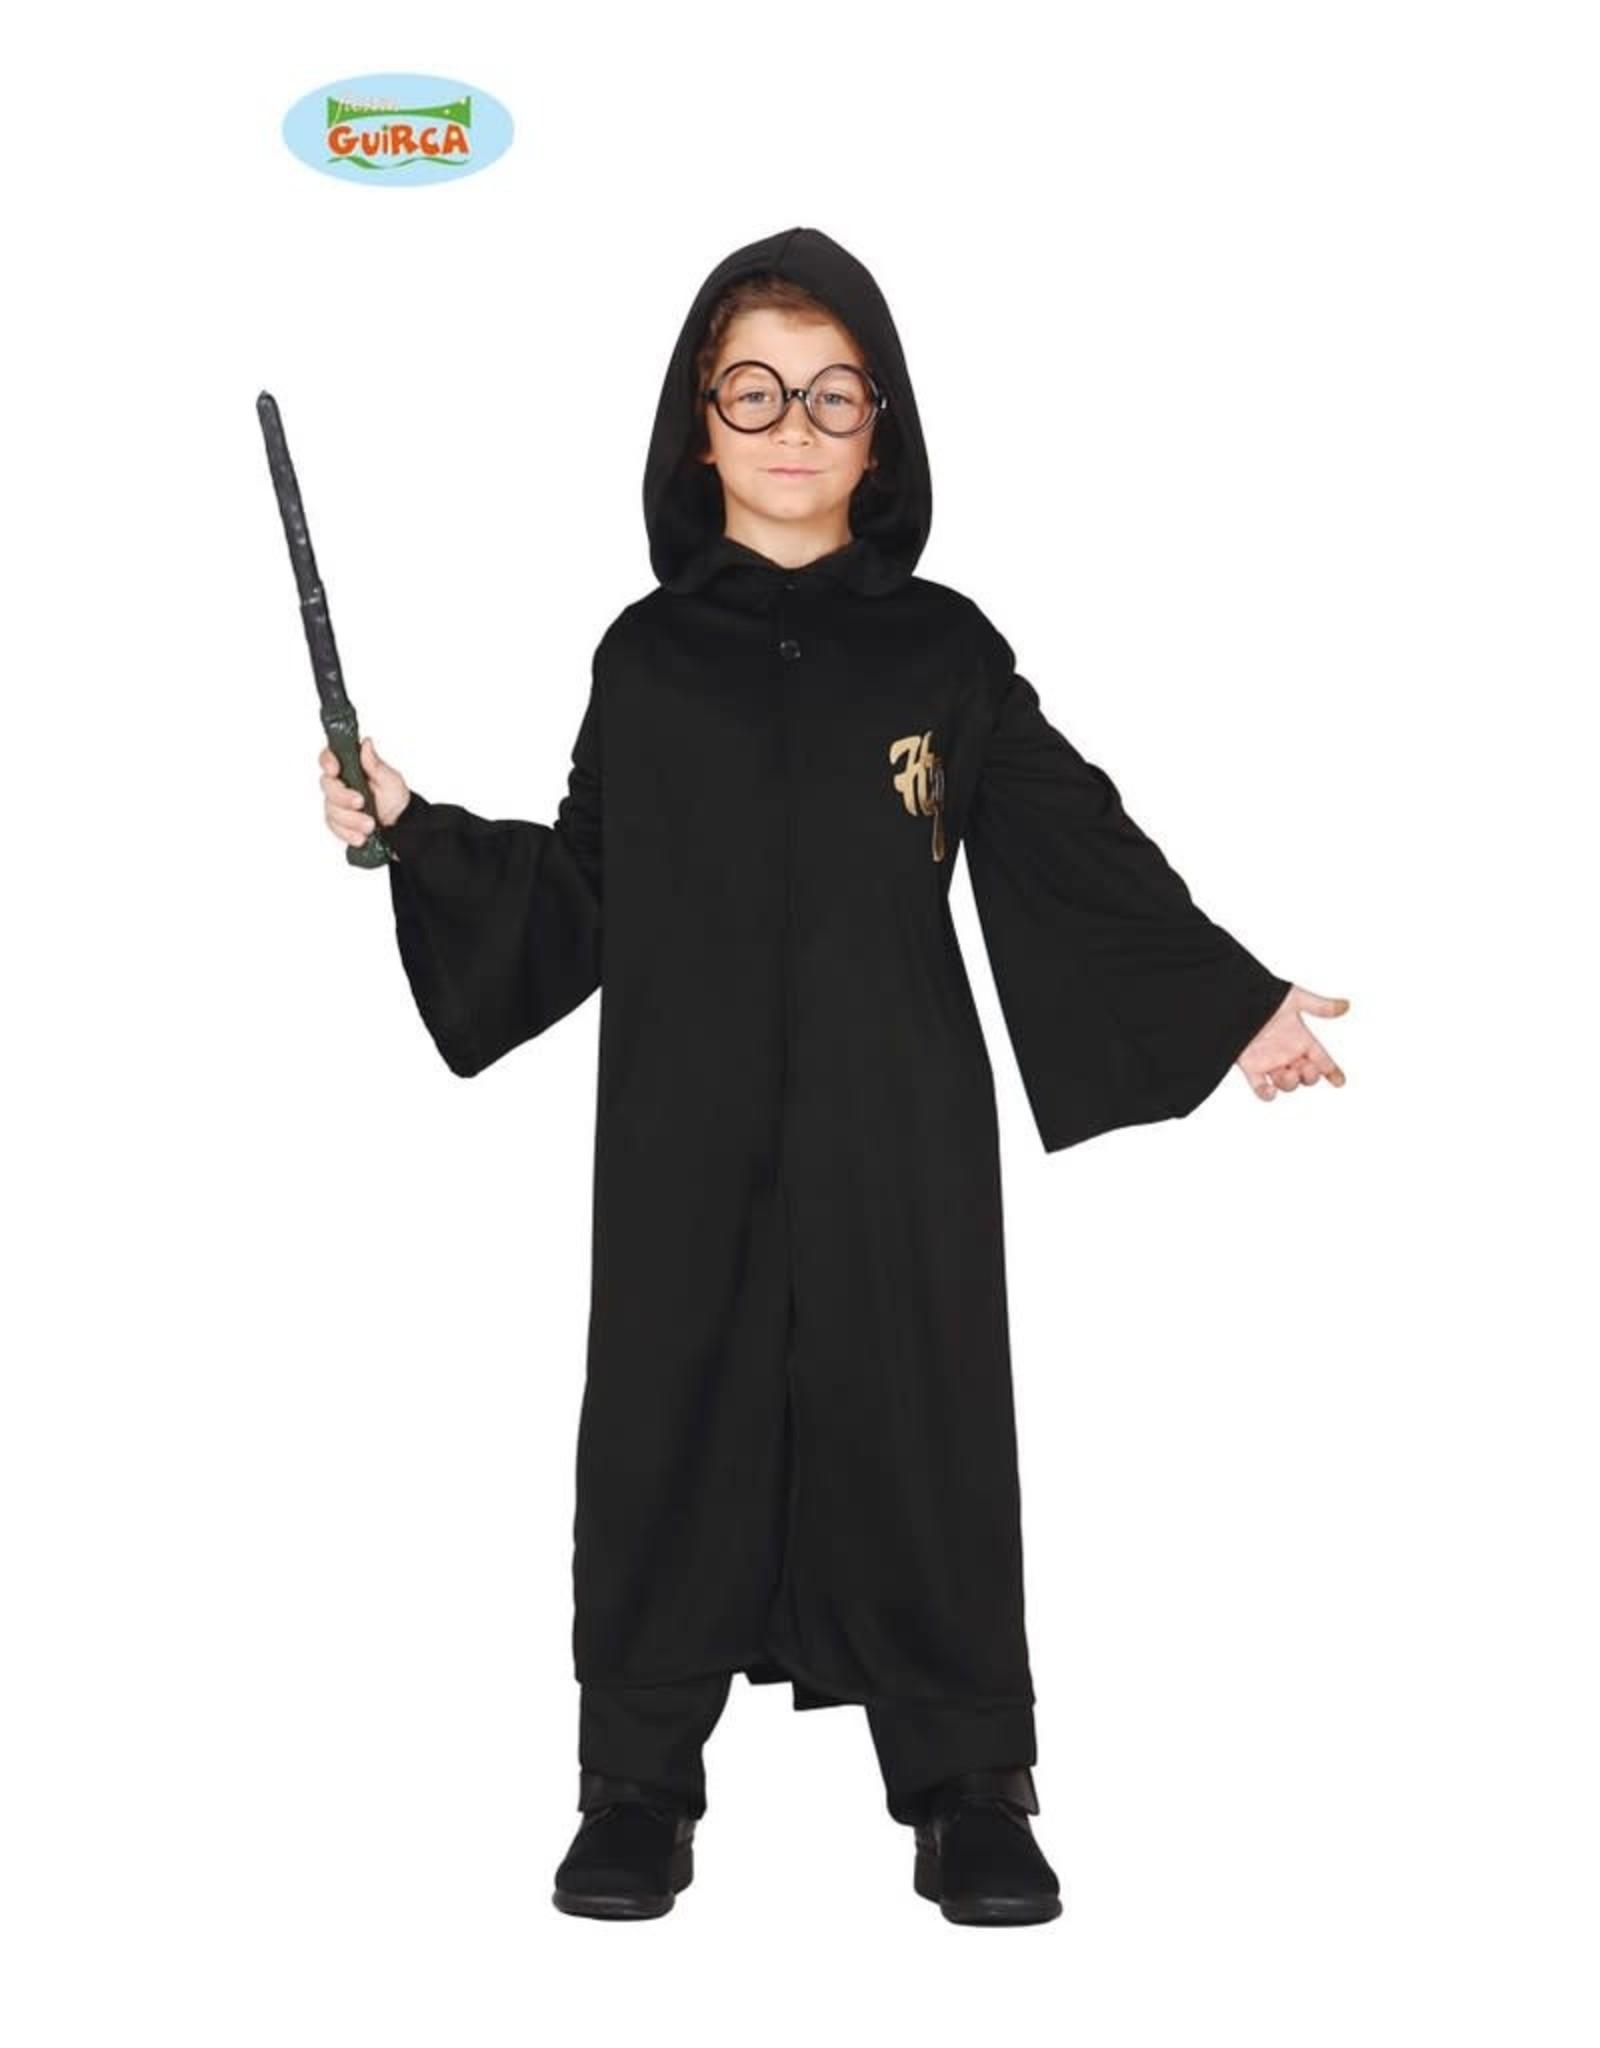 FIESTAS GUIRCA Harry tovenaar 10/12 jaar